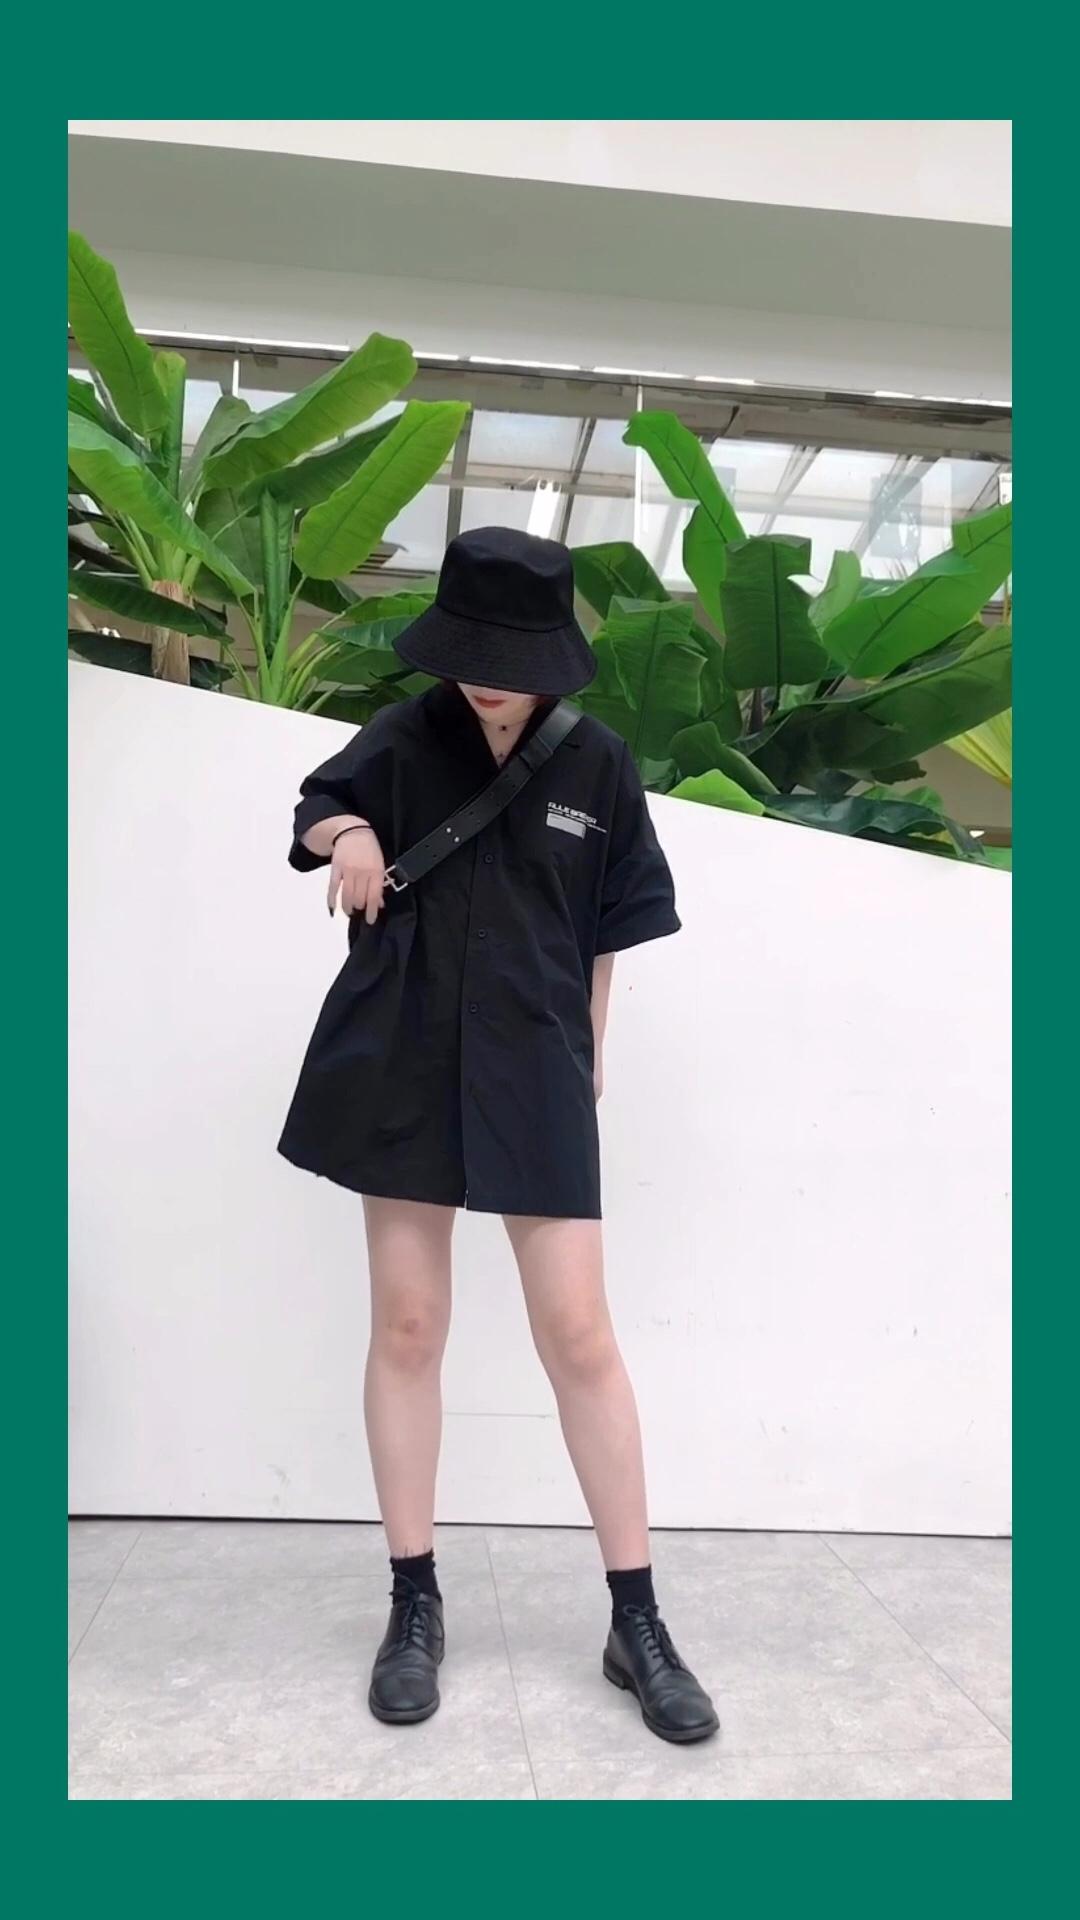 #蘑菇街新品测评# 包:古良独立设计 衬衫:Roaringwild 酷酷的男友风衬衫搭配一双简洁的小单鞋 不仅休闲舒适,走在街头也会让路人忍不住多看几眼。 这套衣服即使在炎热的夏天也能解暑~